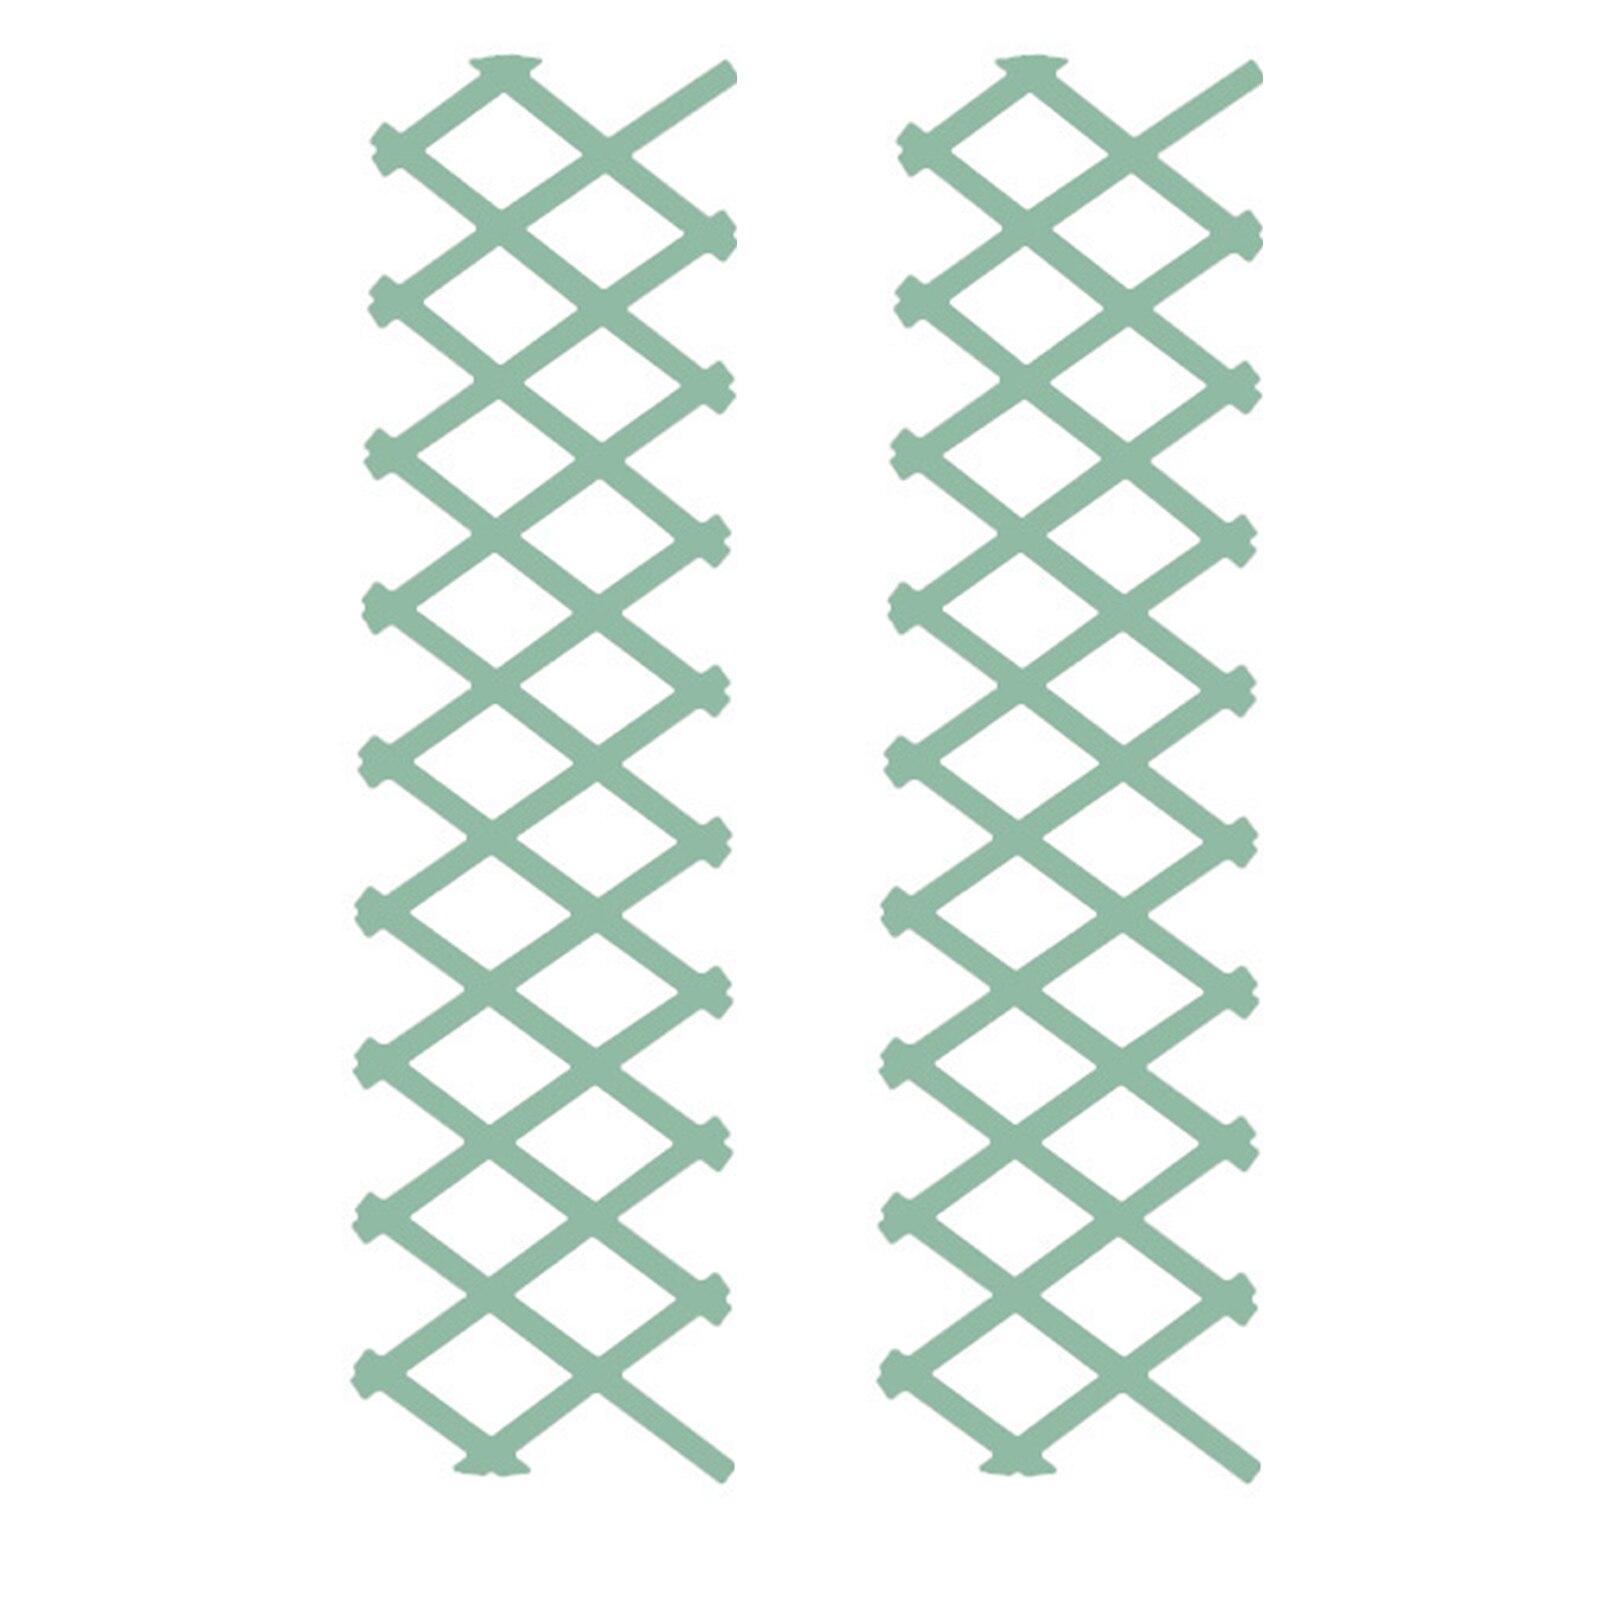 سهلة التركيب توسيع الجدار الزهور الخضار طوي مسدس خشبي في الهواء الطلق لتسلق النباتات عقبة الإطار حديقة تعريشة